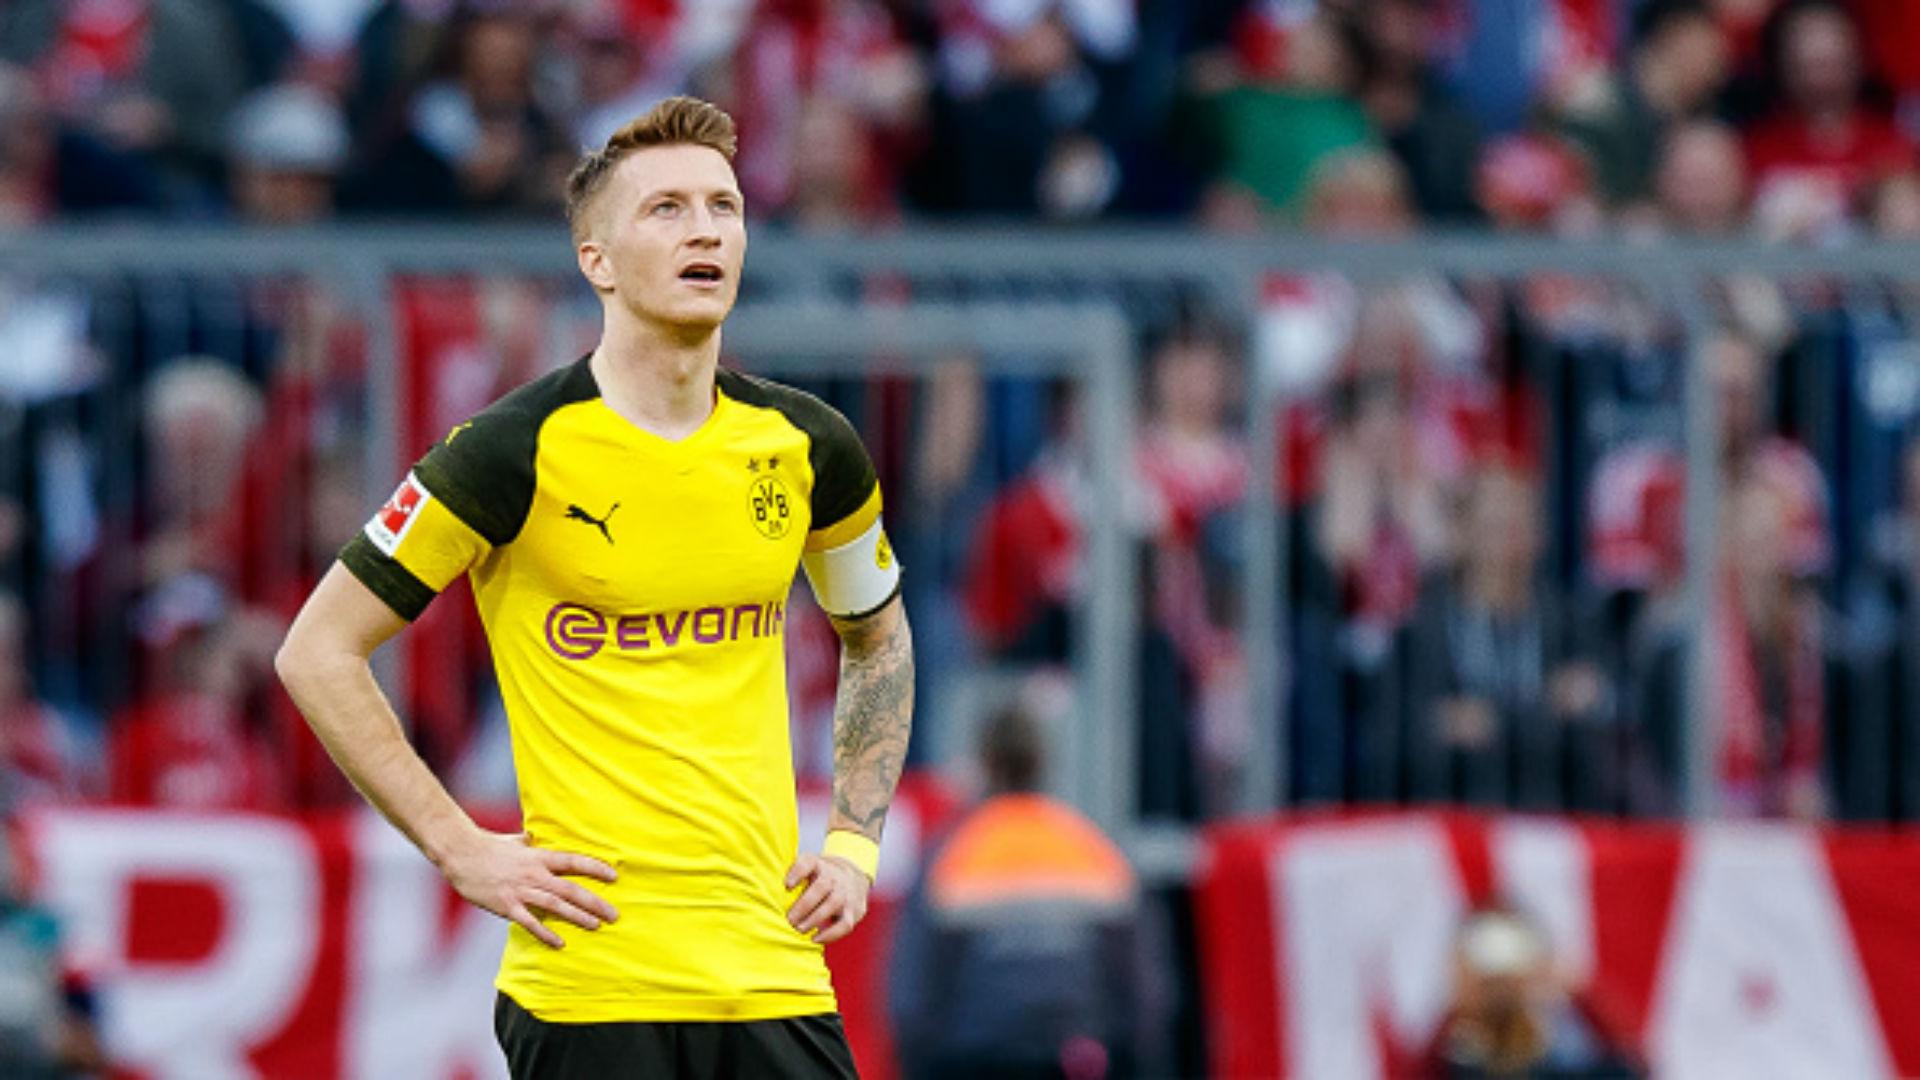 Echte Liebe': Marco Reus e l'eterno amore per il Borussia Dortmund ...